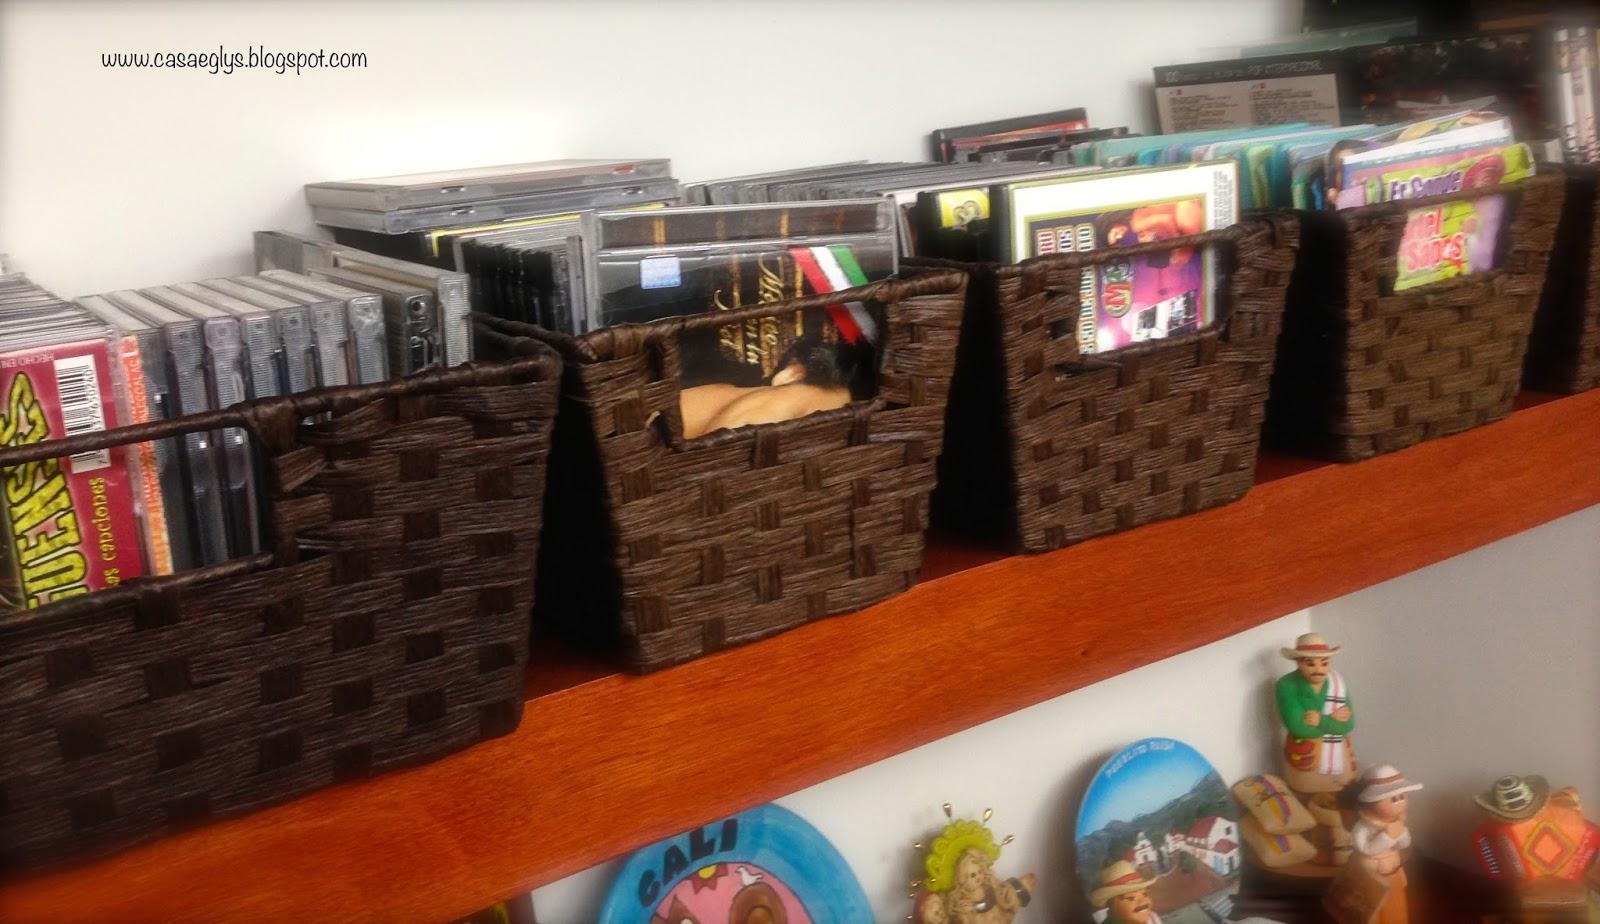 Casa eglys organizaci n organizando con cestas y - Juegos de organizar casas ...